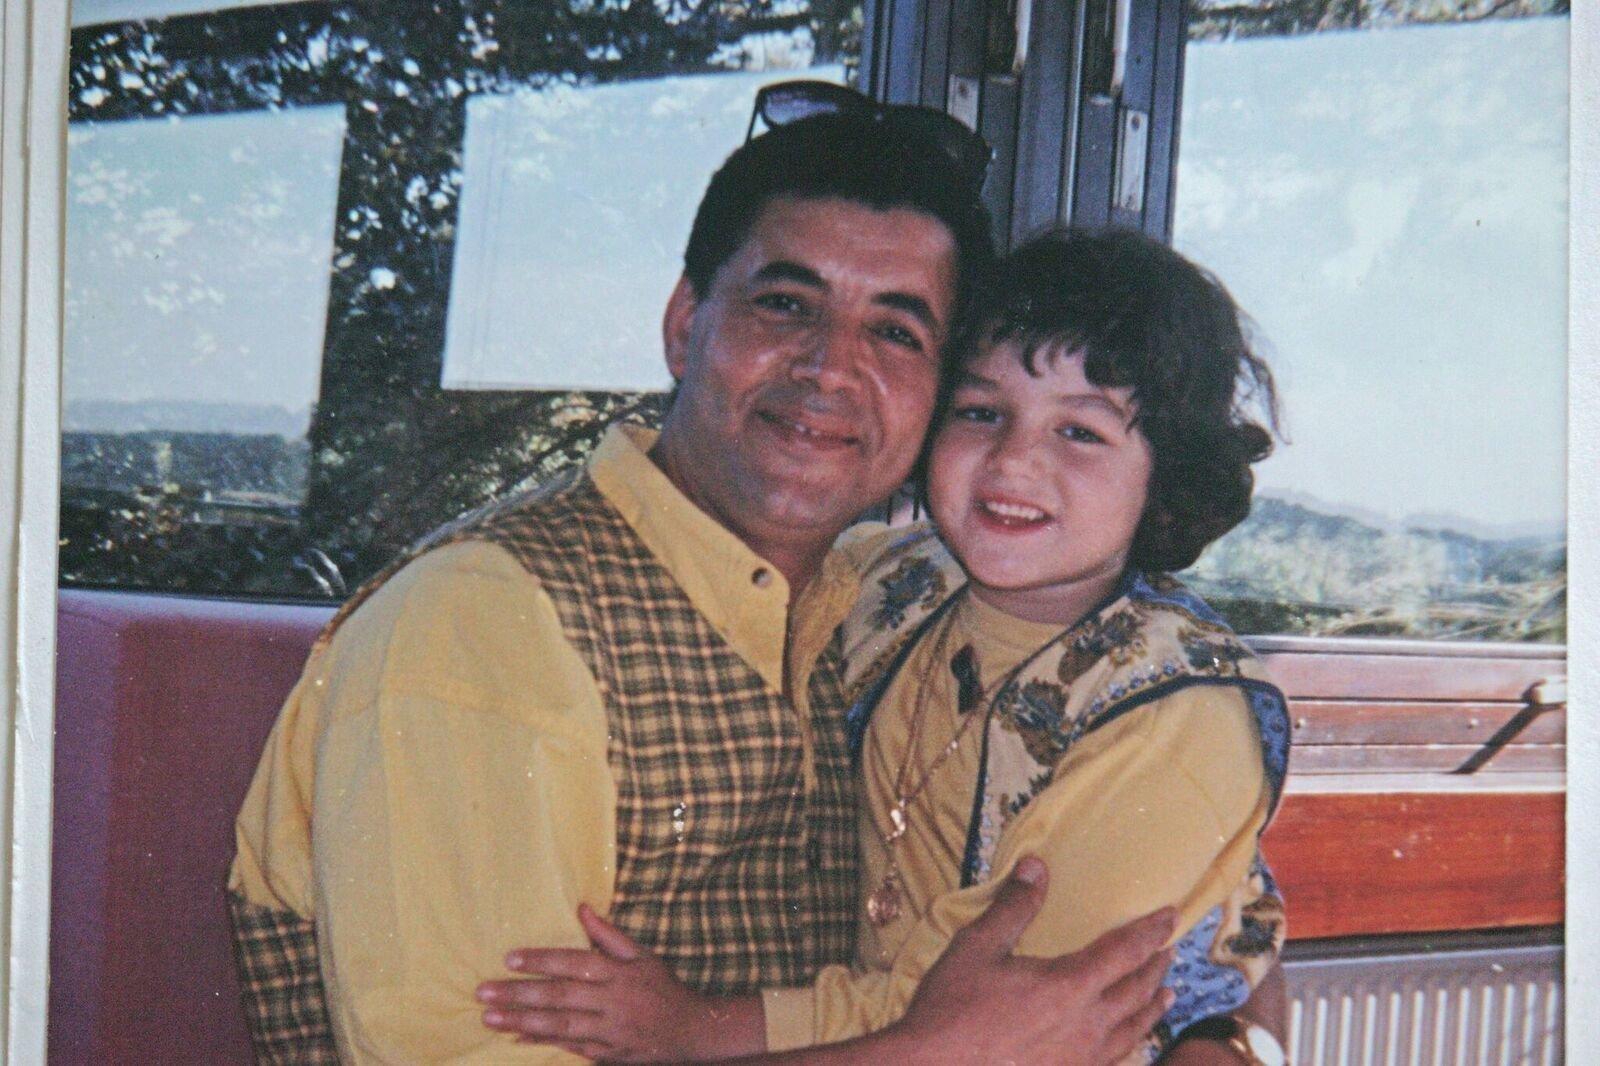 Bevor Jasmin nach 22 Jahren ihren Vater wiedersehen konnte, geschah ein schlimmer Unfall – nun braucht sie eure Hilfe